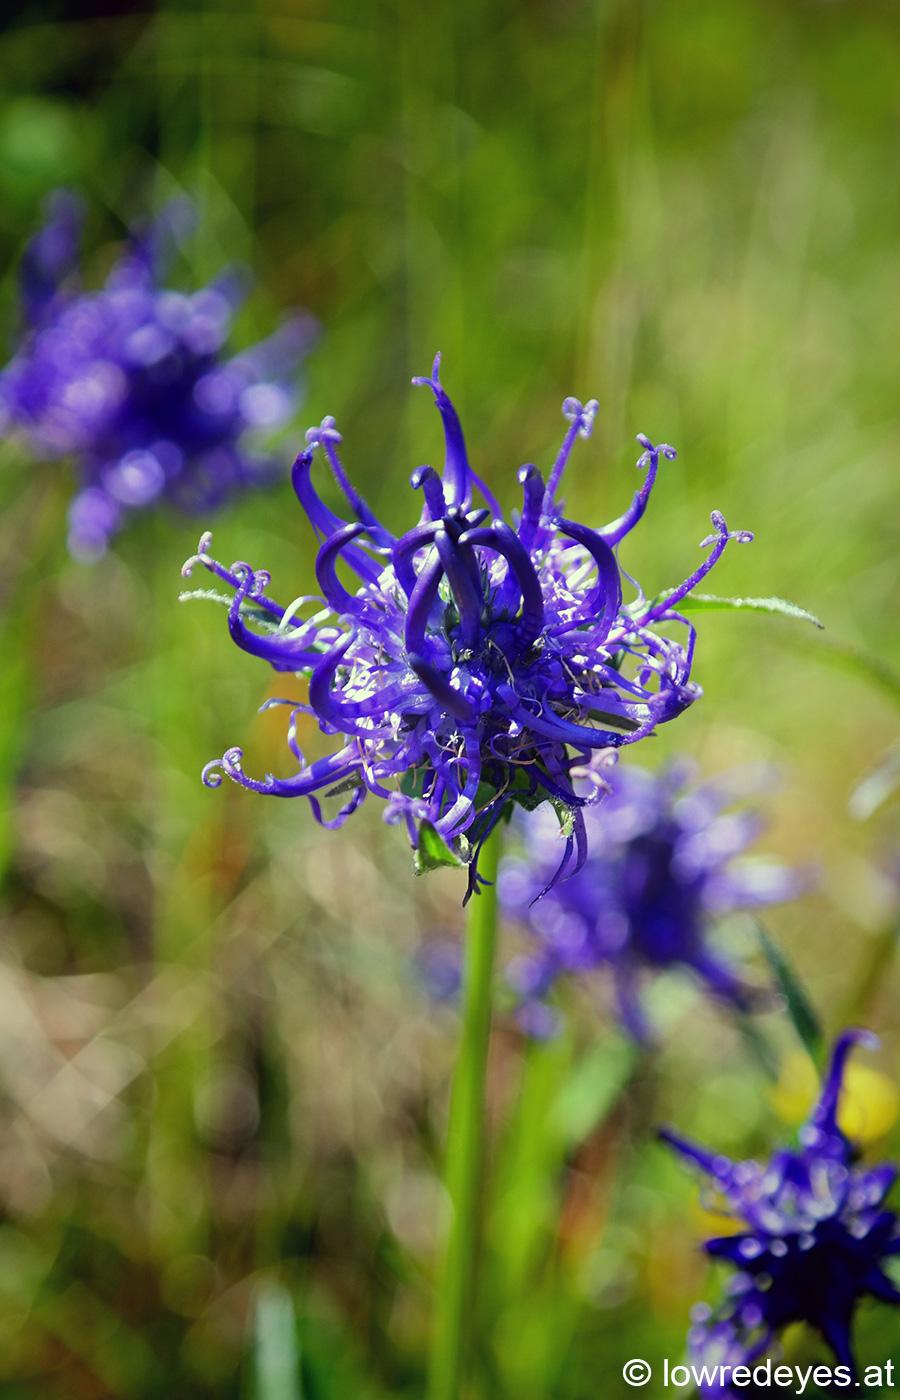 Naturspaziergang: Stubaier Botanik - Pflanzen unter Naturschutz: Teufelskralle, Schusternagele, Knabenkraut